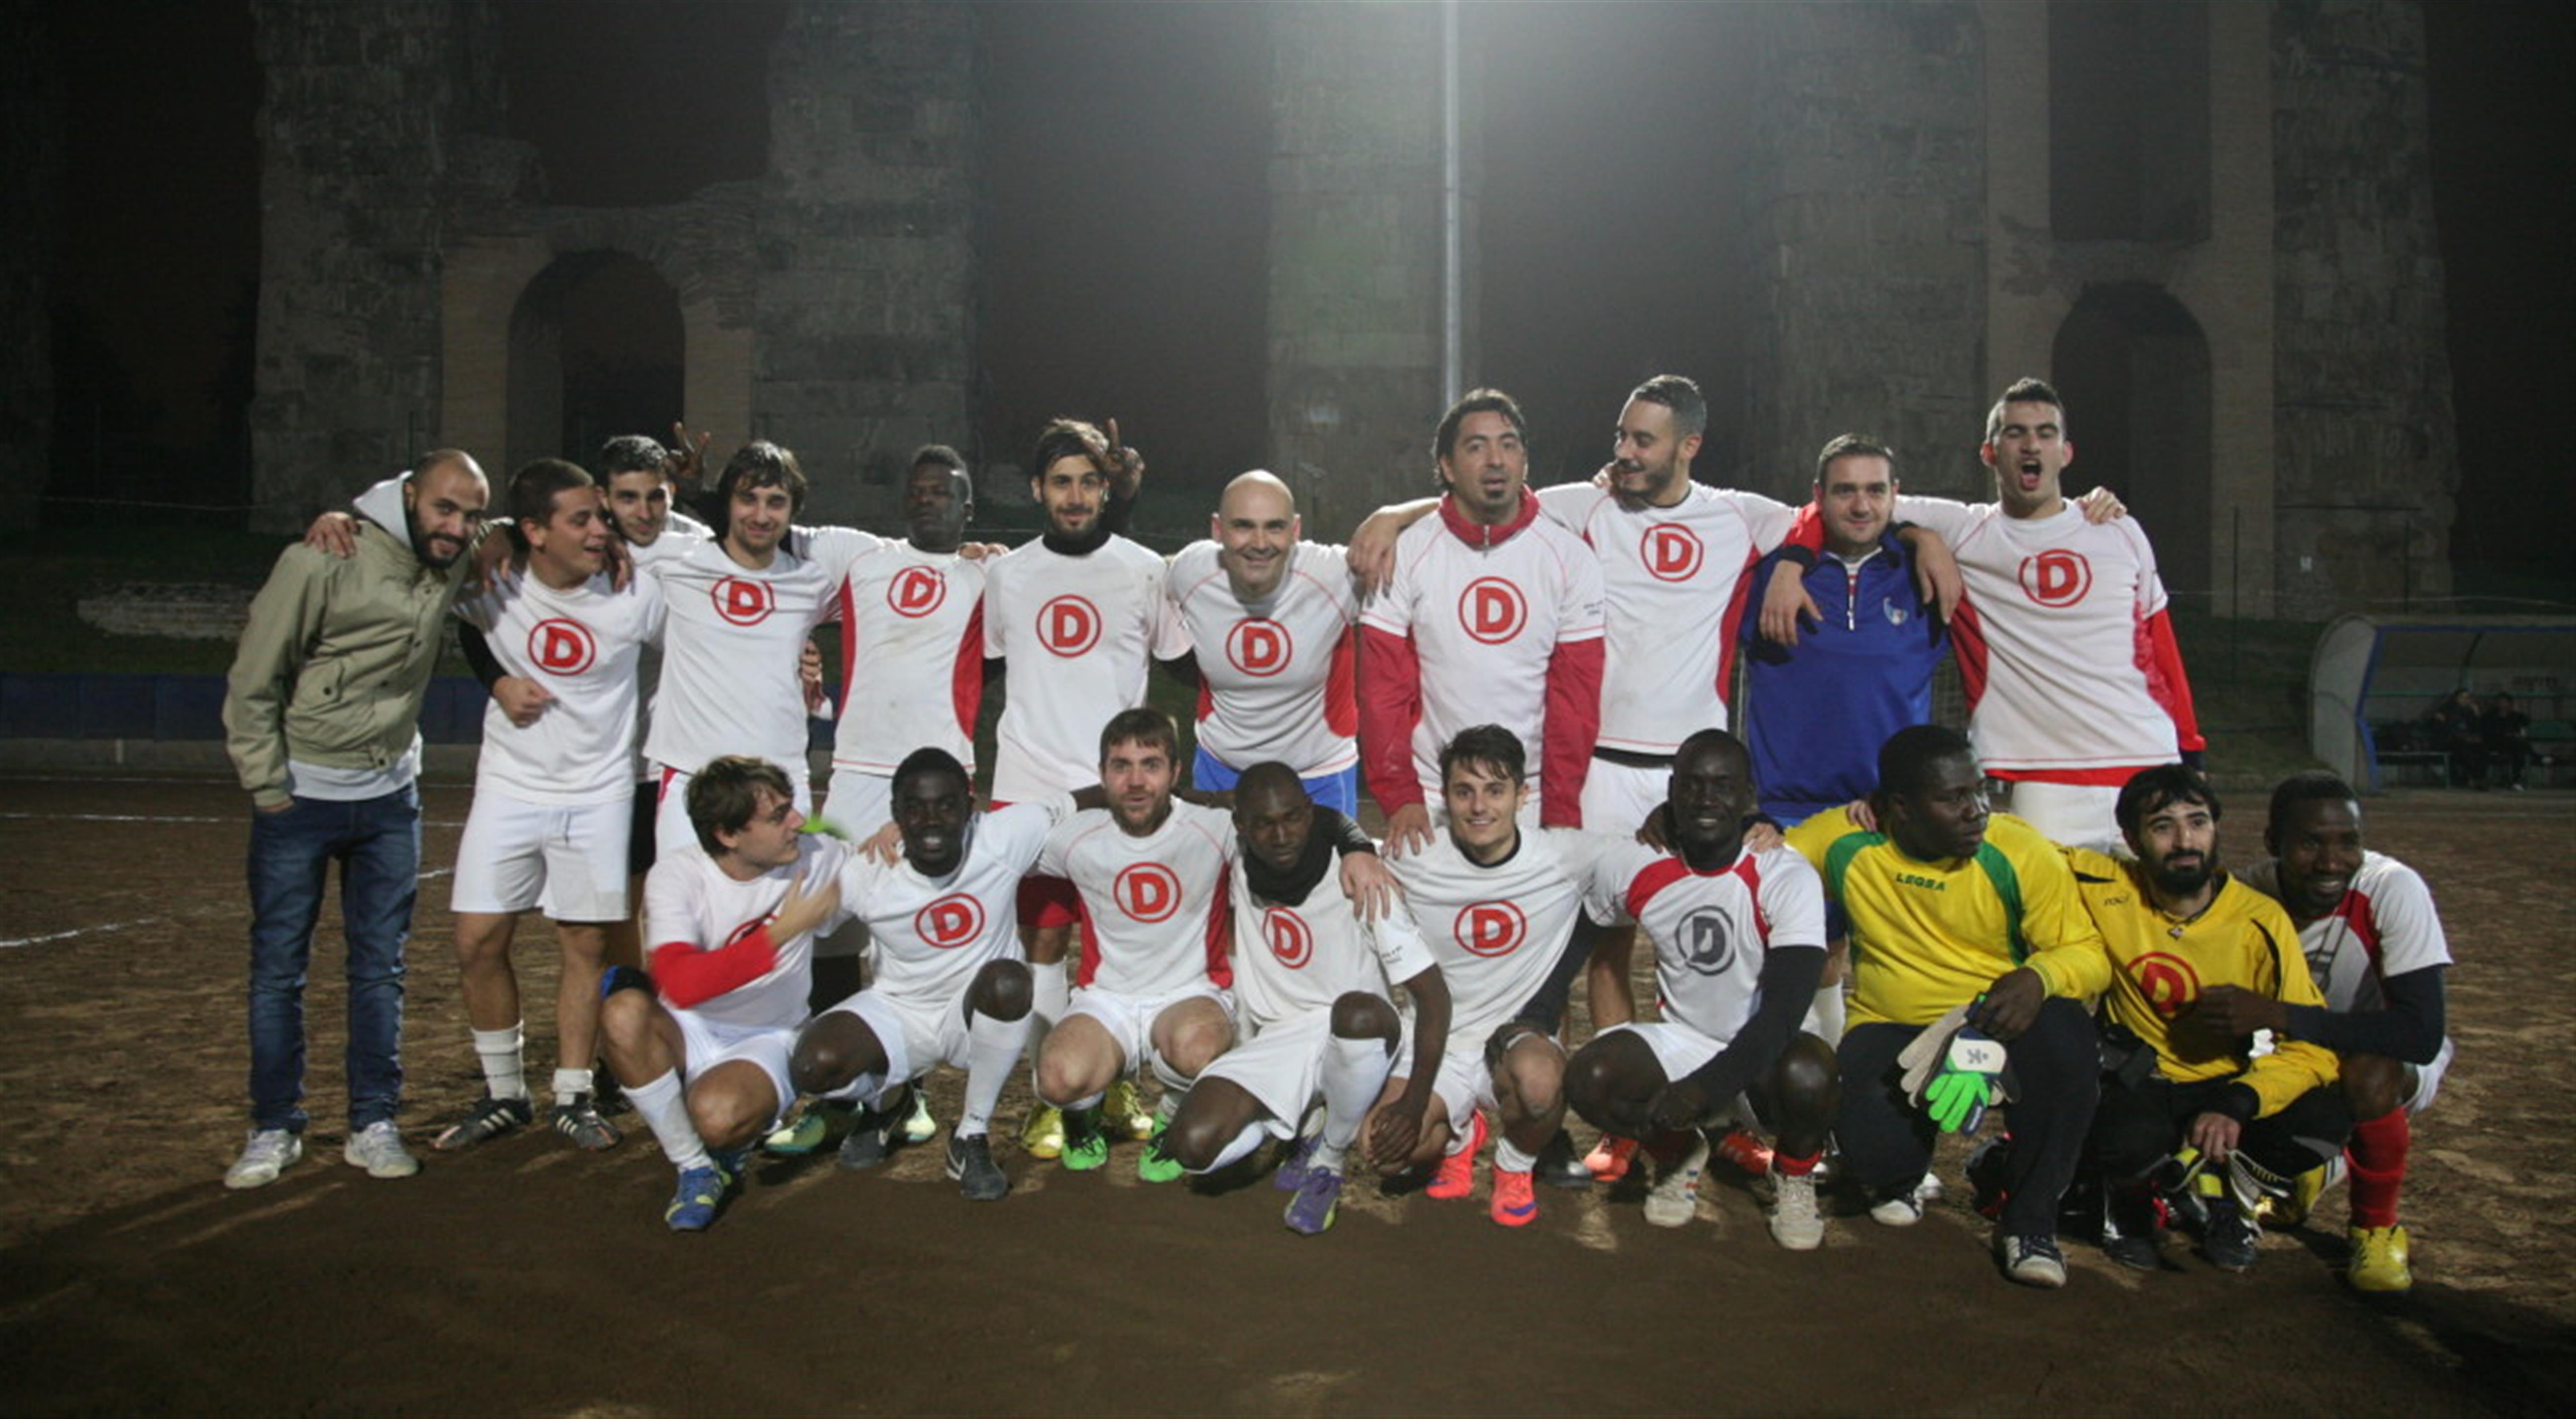 Atletico Diritti, in campo contro la discriminazione